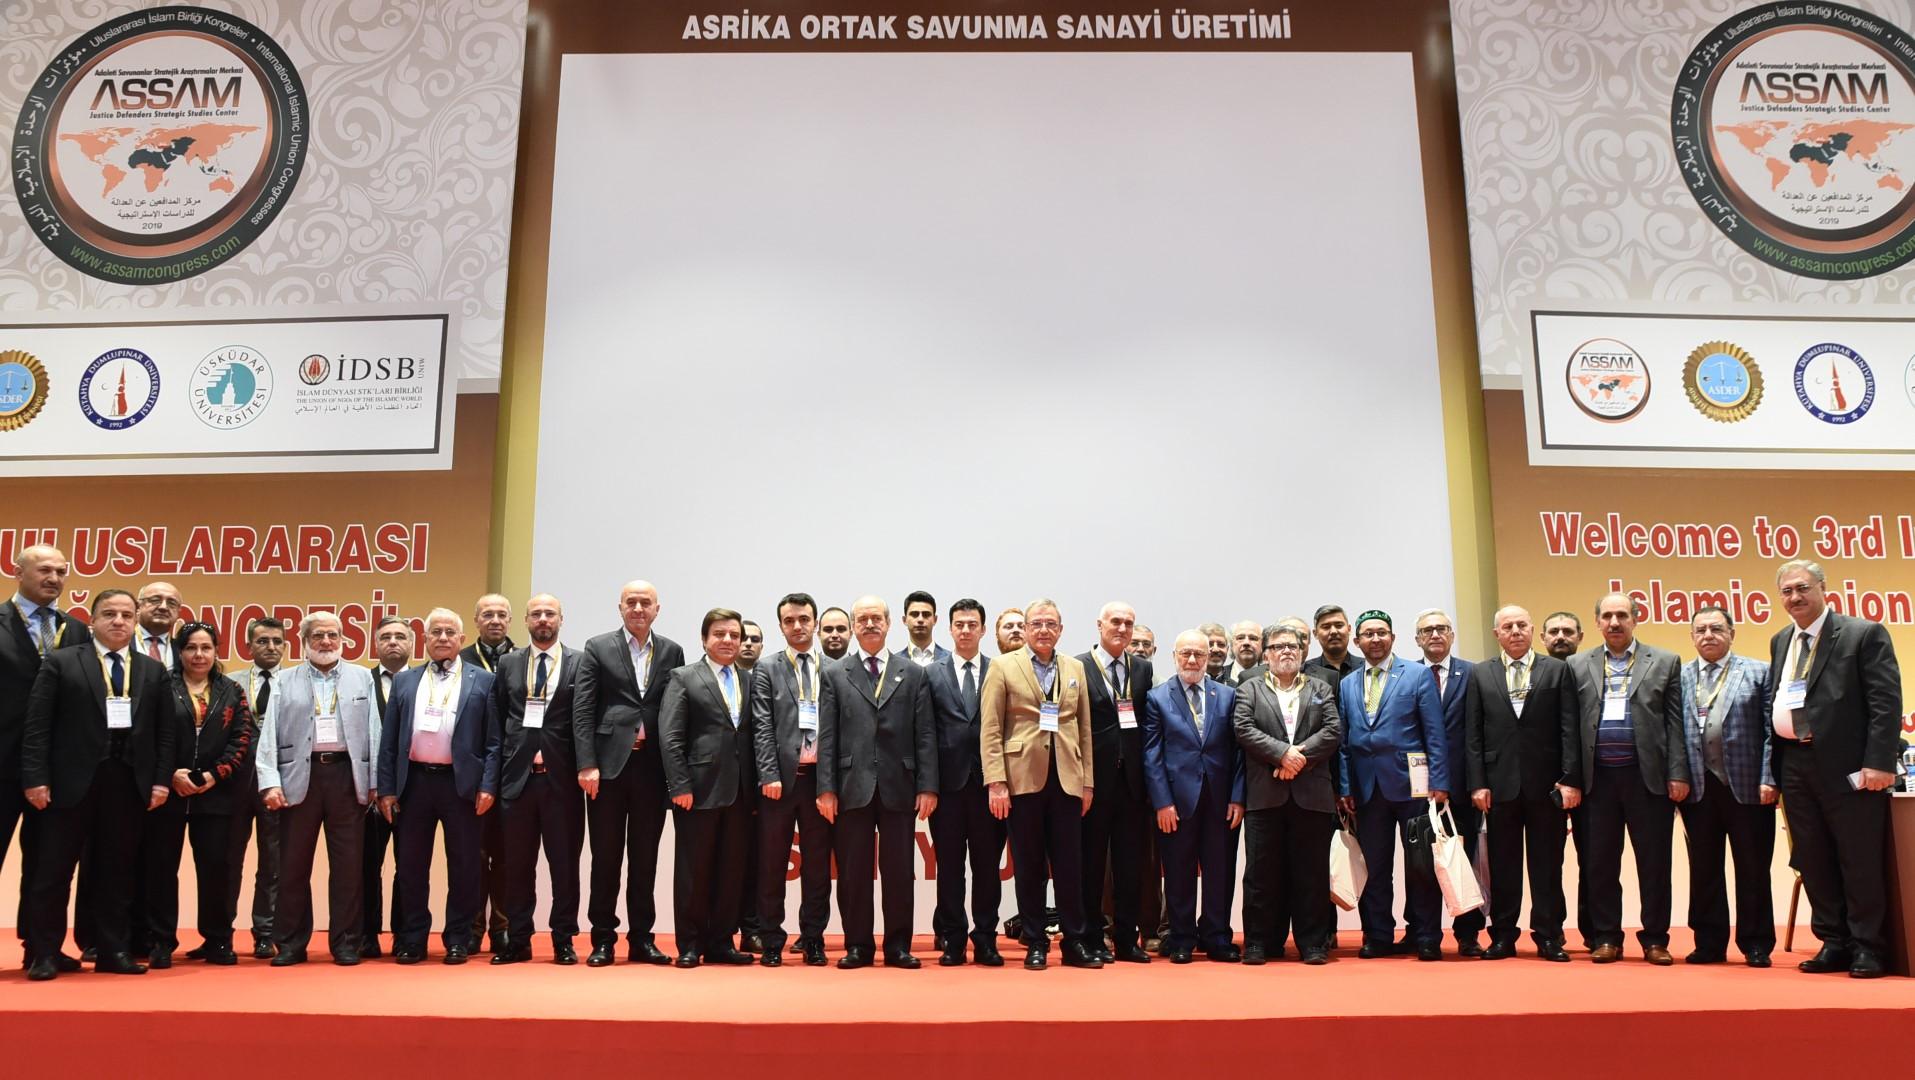 ASSAM ve İslam Birliği Kongreleri